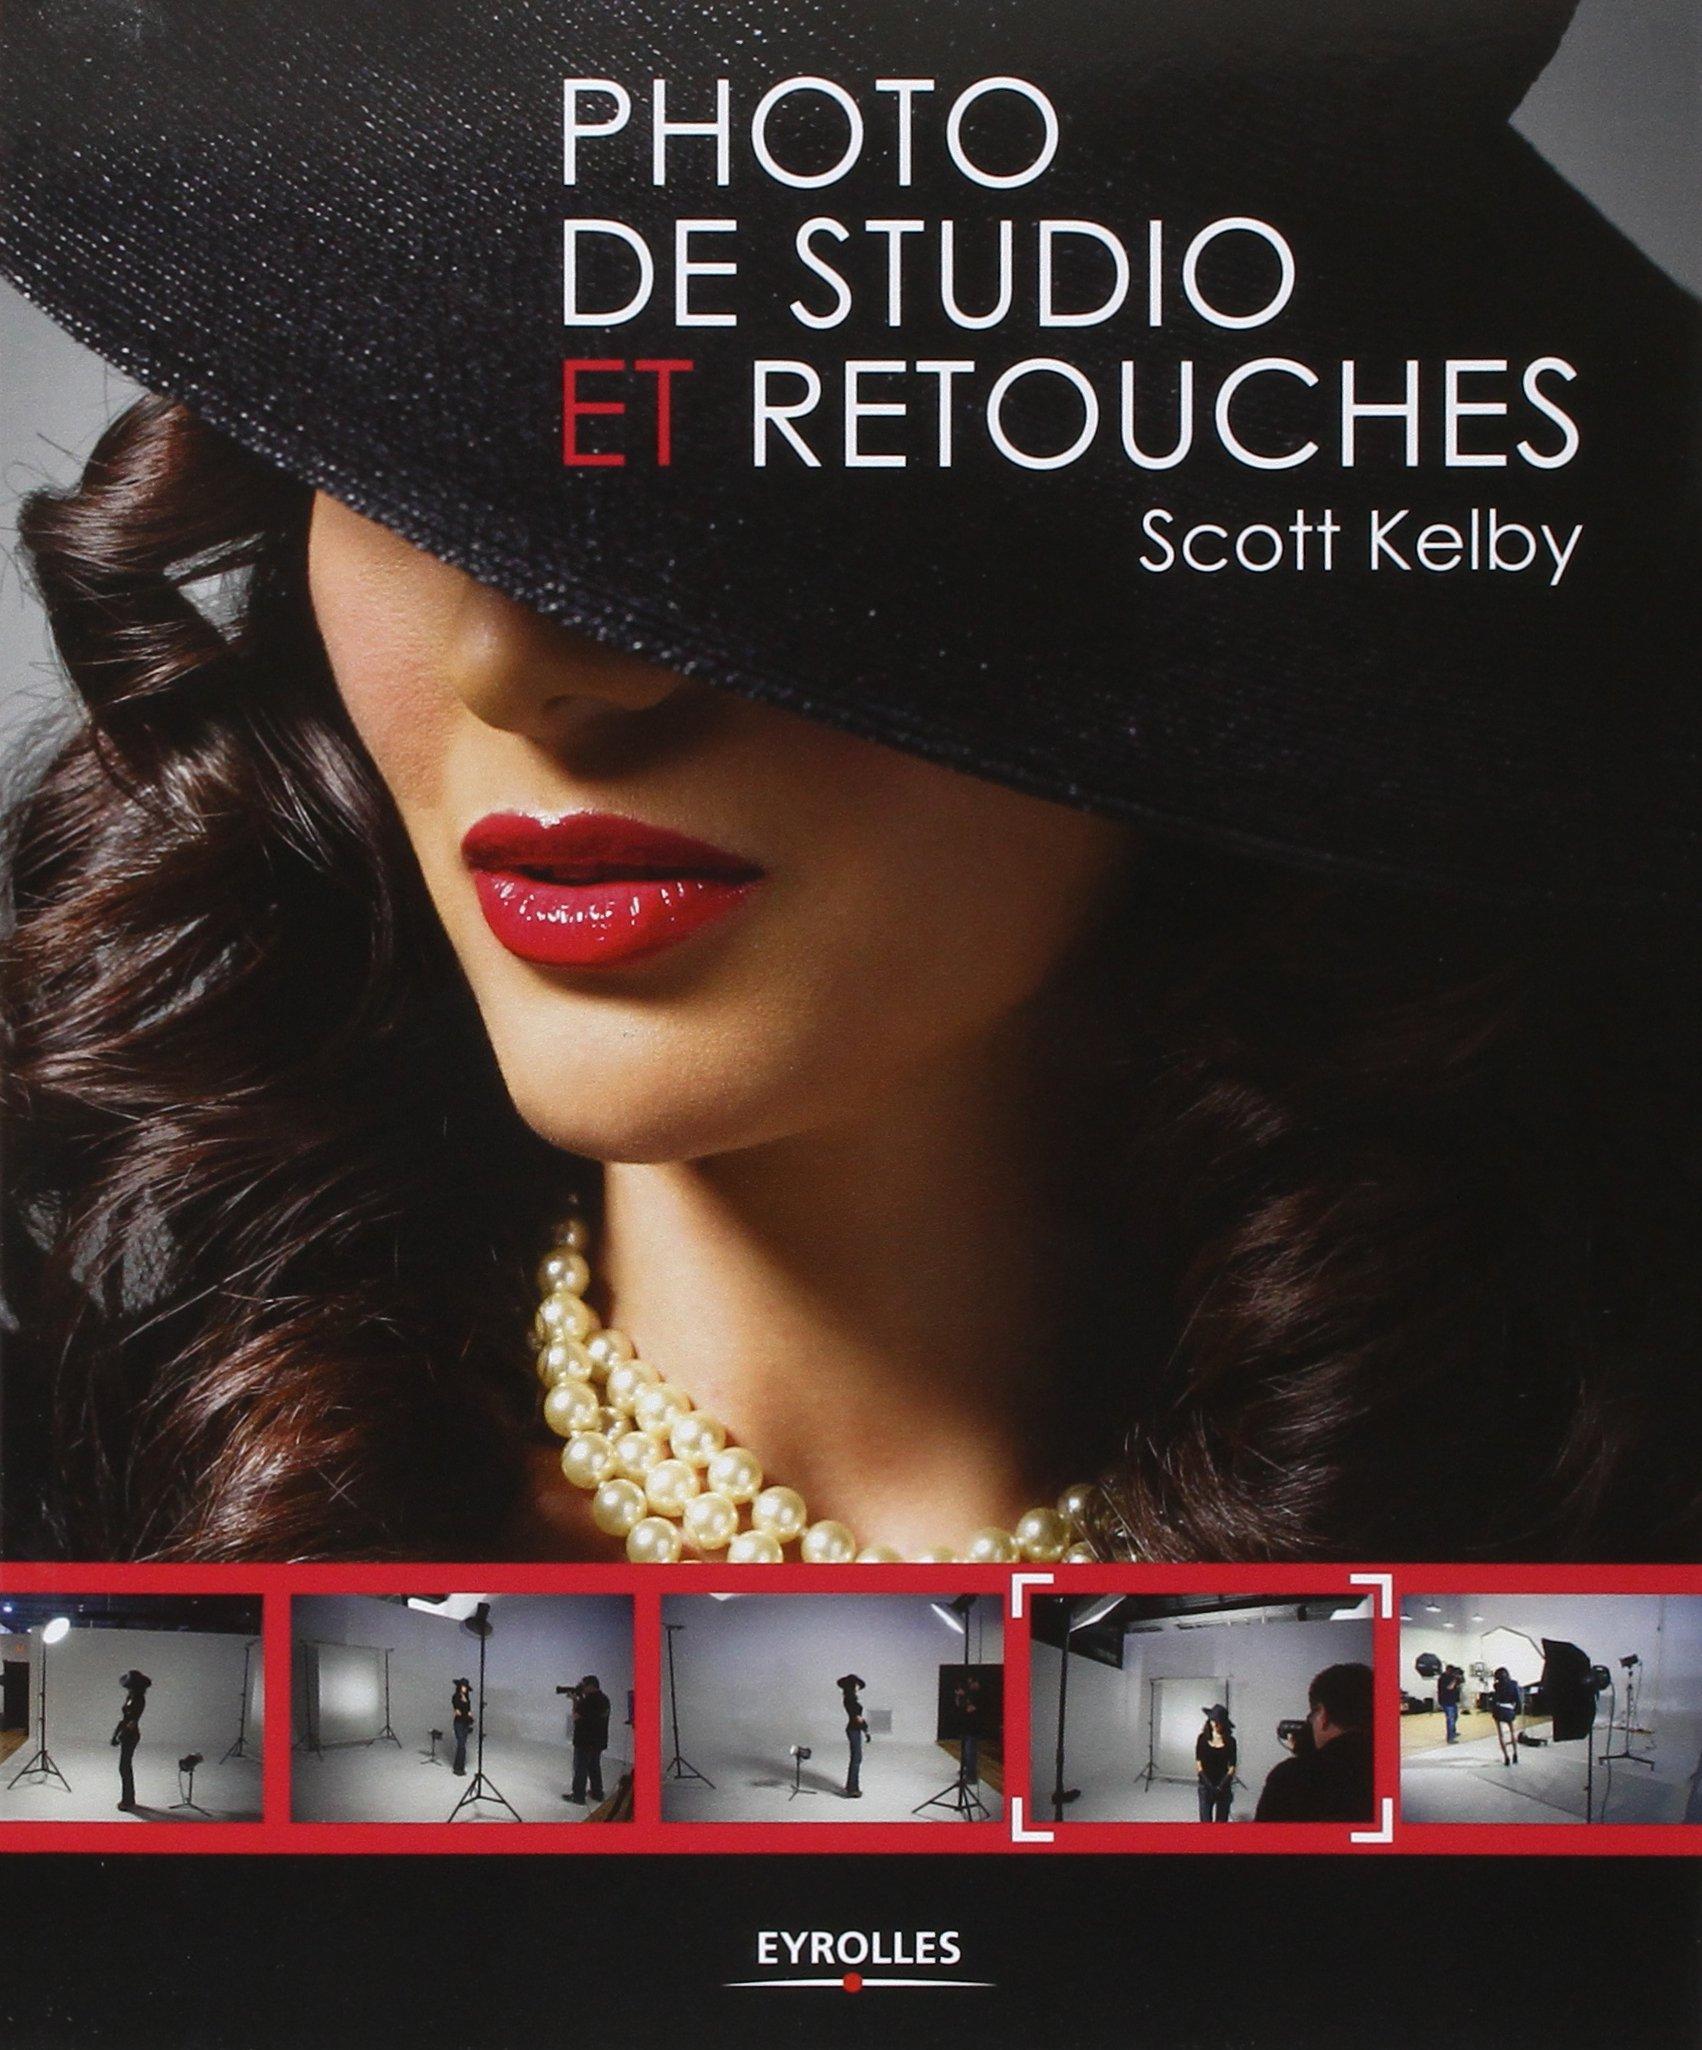 La photo de studio et les retouches